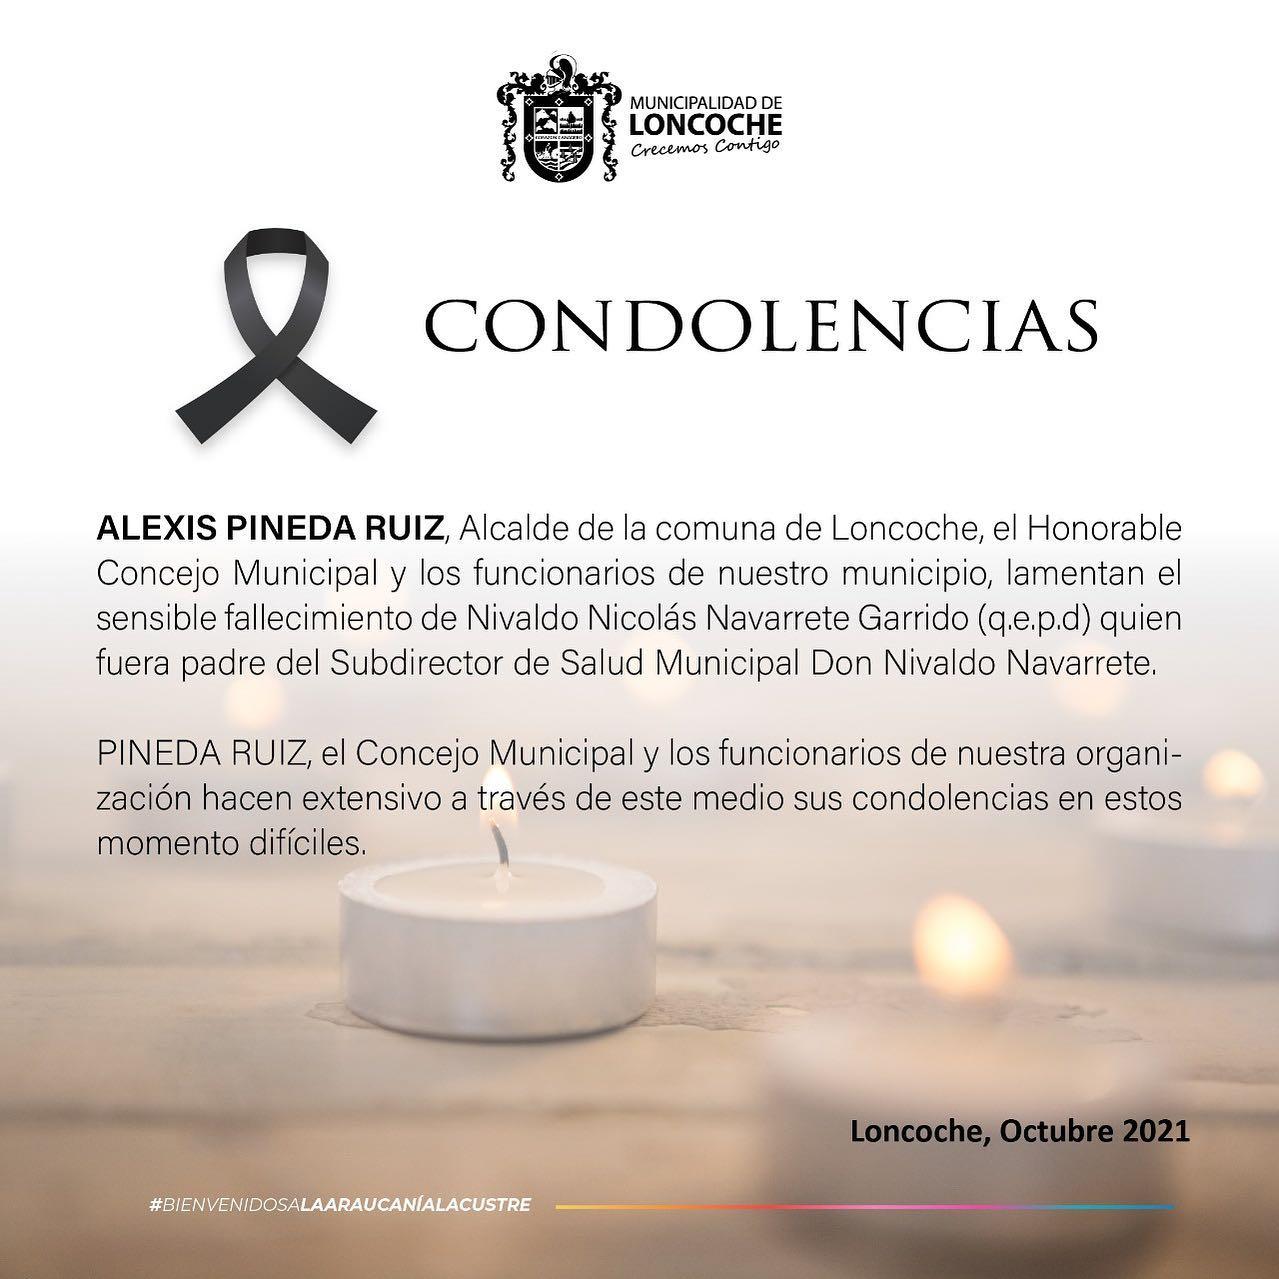 CONDOLENCIAS |